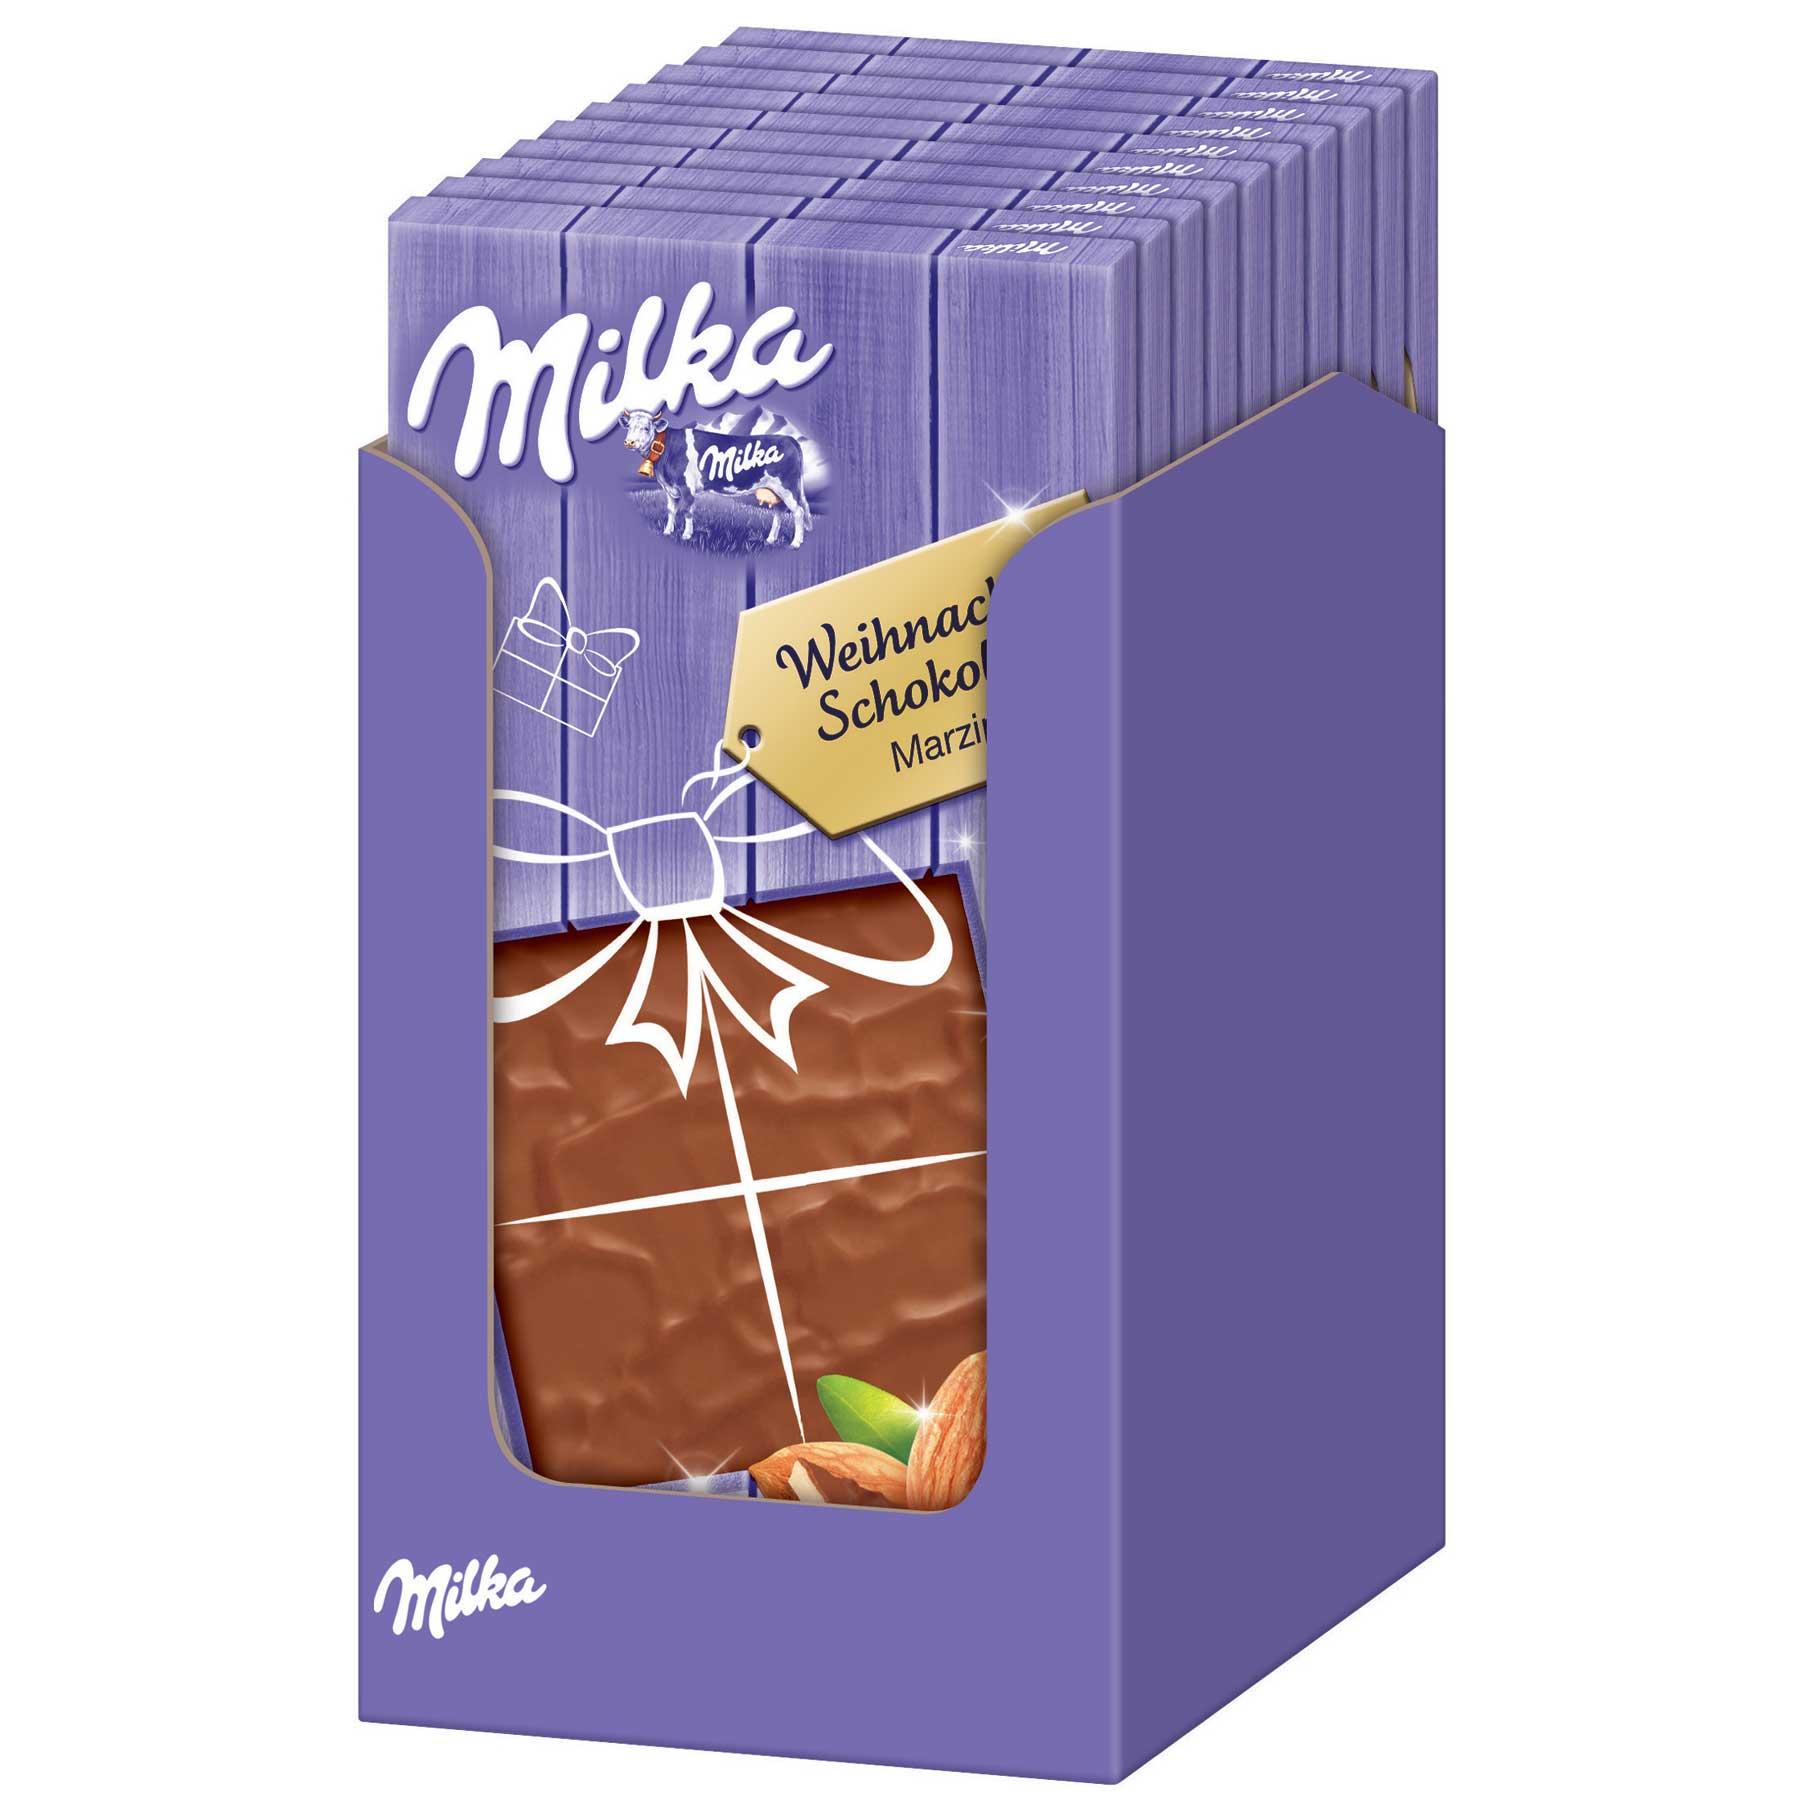 milka weihnachts schokolade marzipan online kaufen im. Black Bedroom Furniture Sets. Home Design Ideas